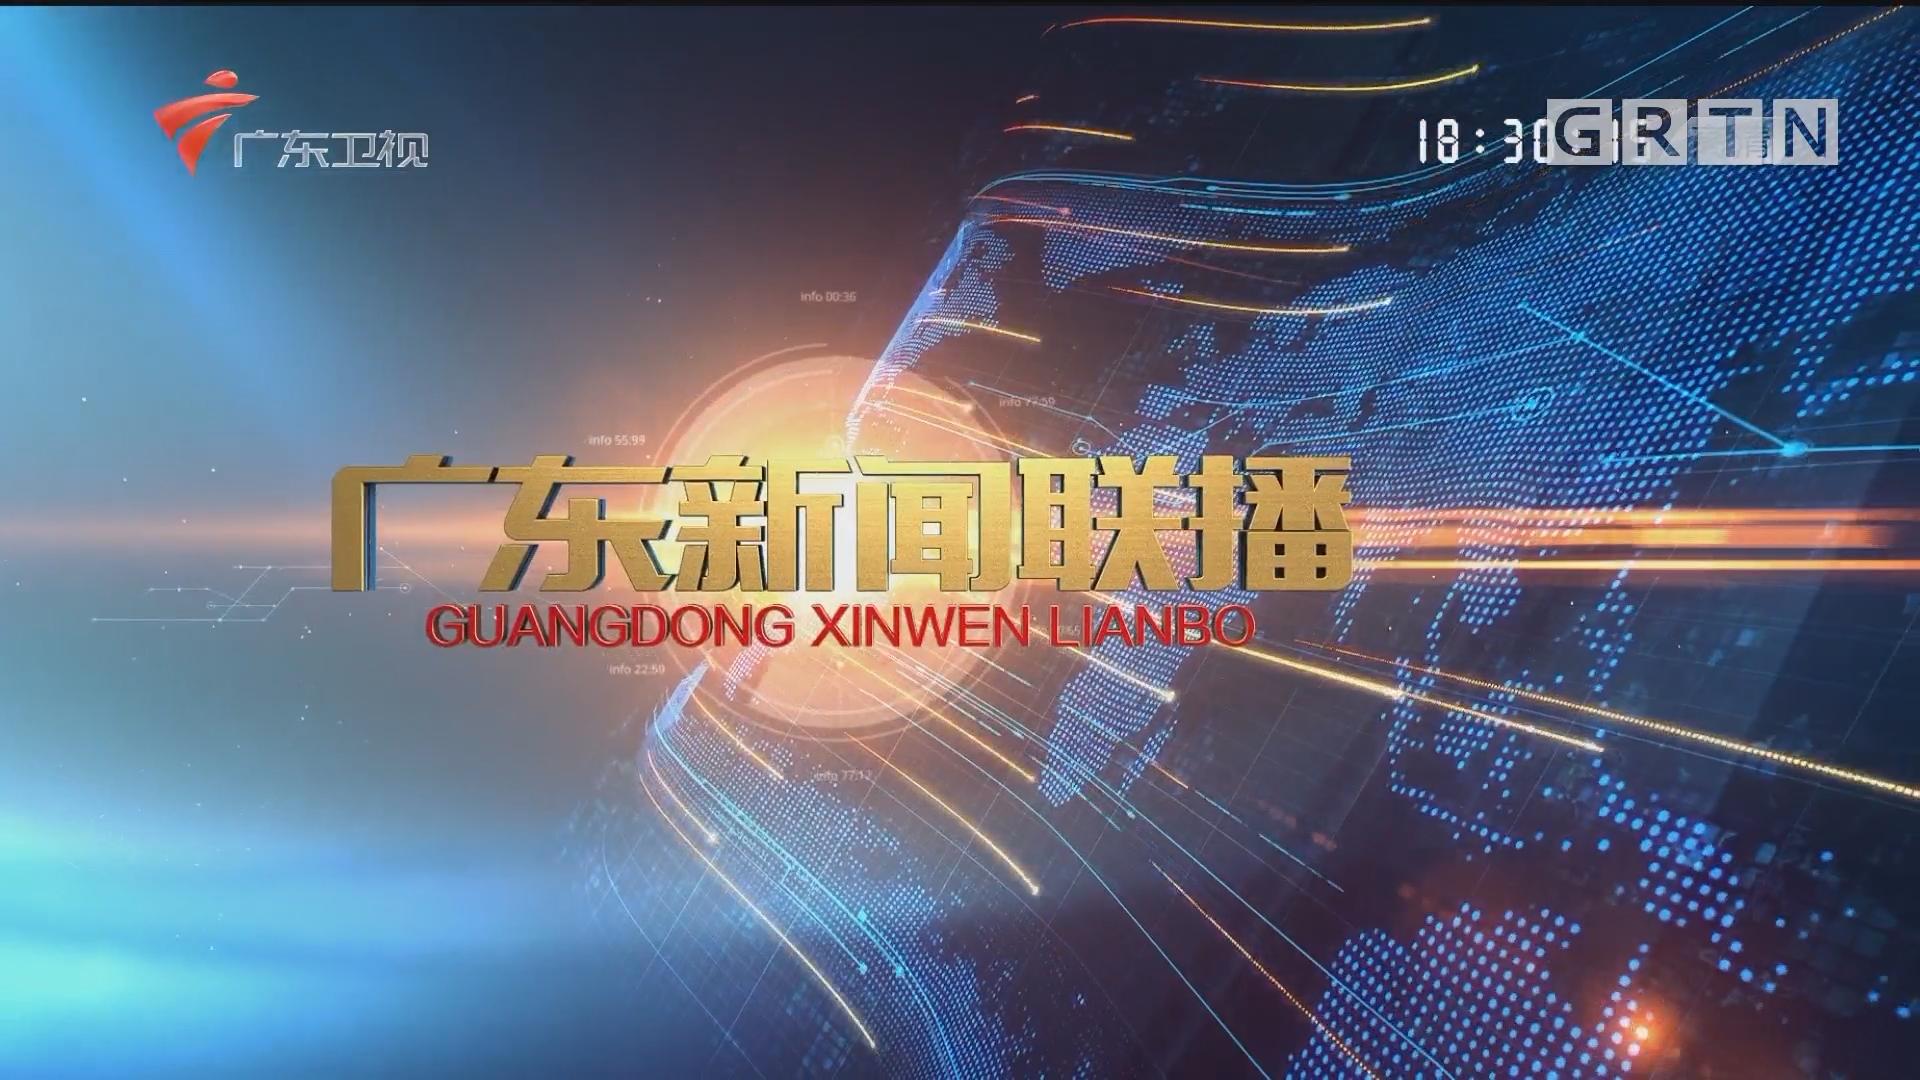 [HD][2017-10-06]广东新闻联播:广东:用创意灯光为祖国庆生